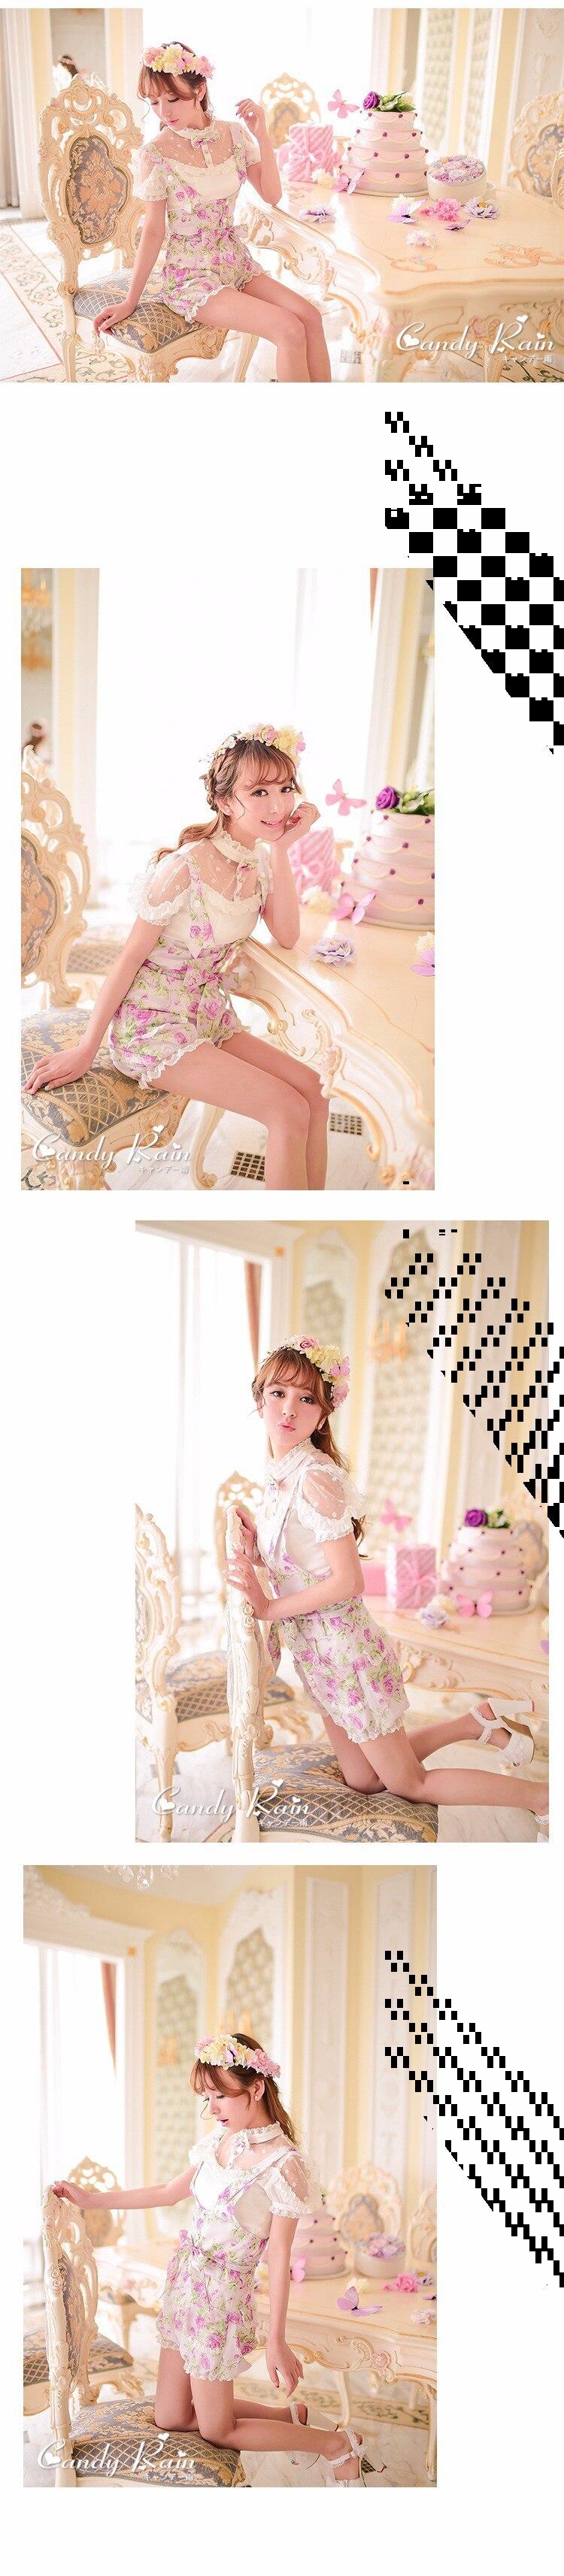 Милые шорты принцессы в стиле Лолиты; Яркие летние шорты в японском стиле с цветочным принтом и бантом; шорты-фонарики на высокой талии; C15AB5711